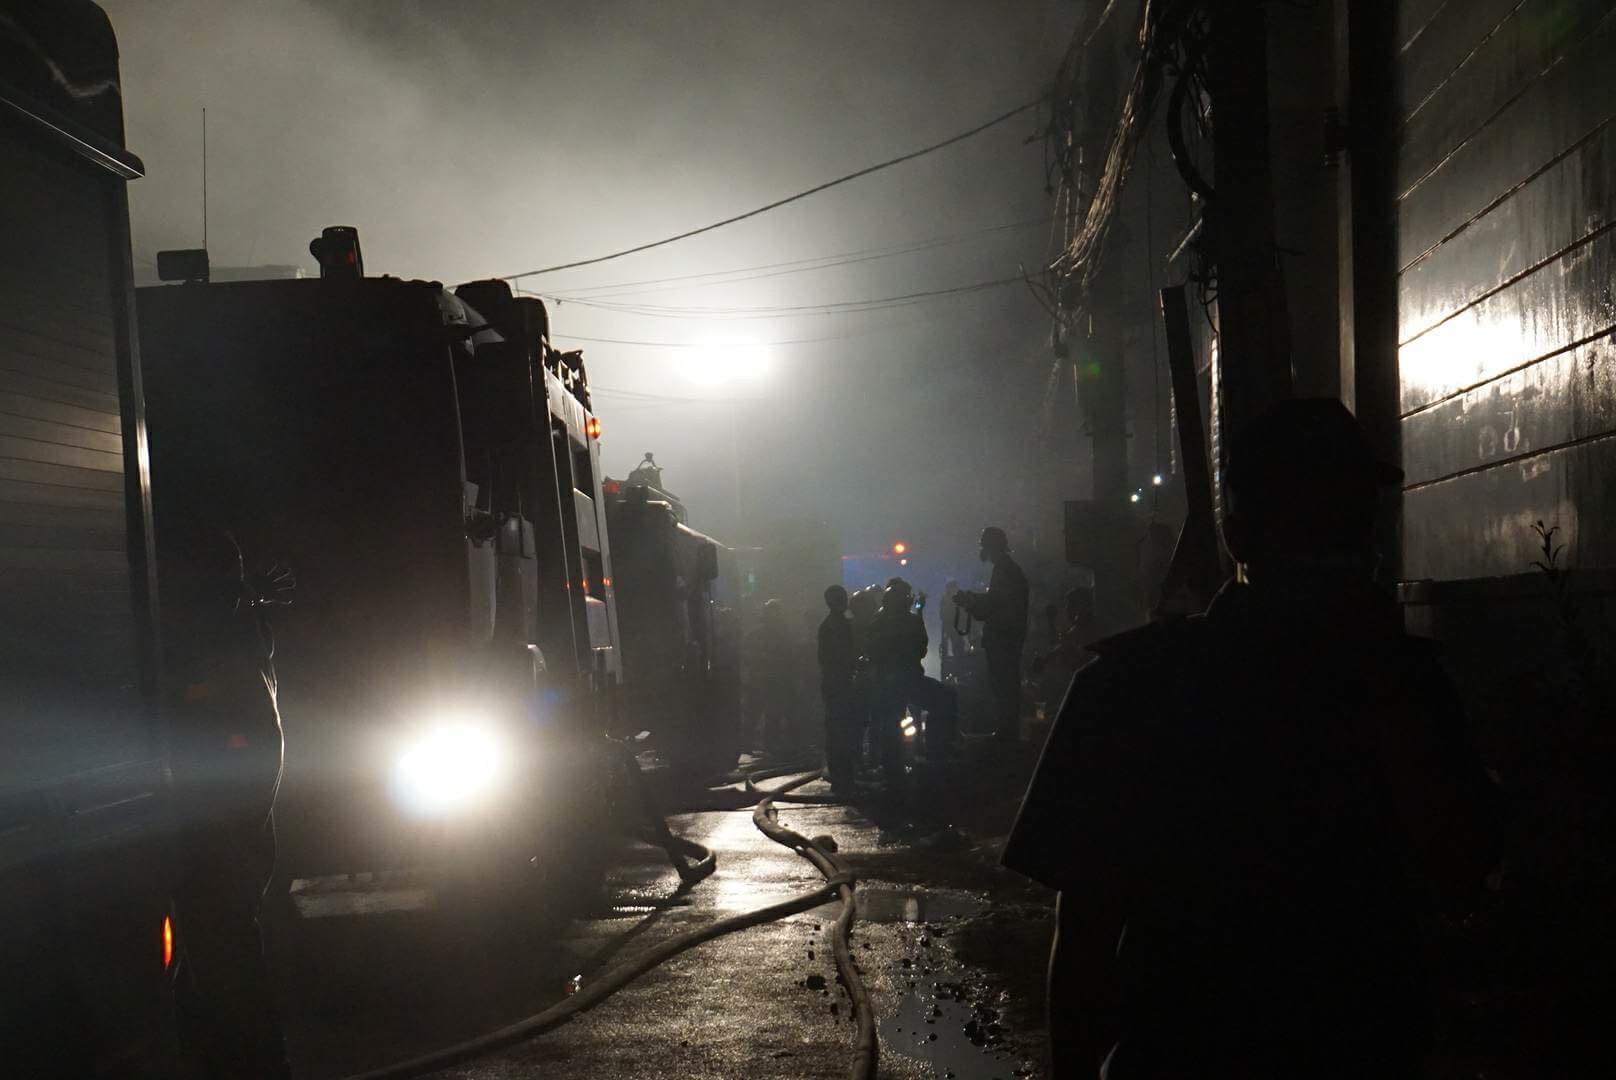 Hàng trăm lính cứu hỏa vật lộn với đám cháy xưởng bánh kẹo rộng gần 2.000m2 - 3